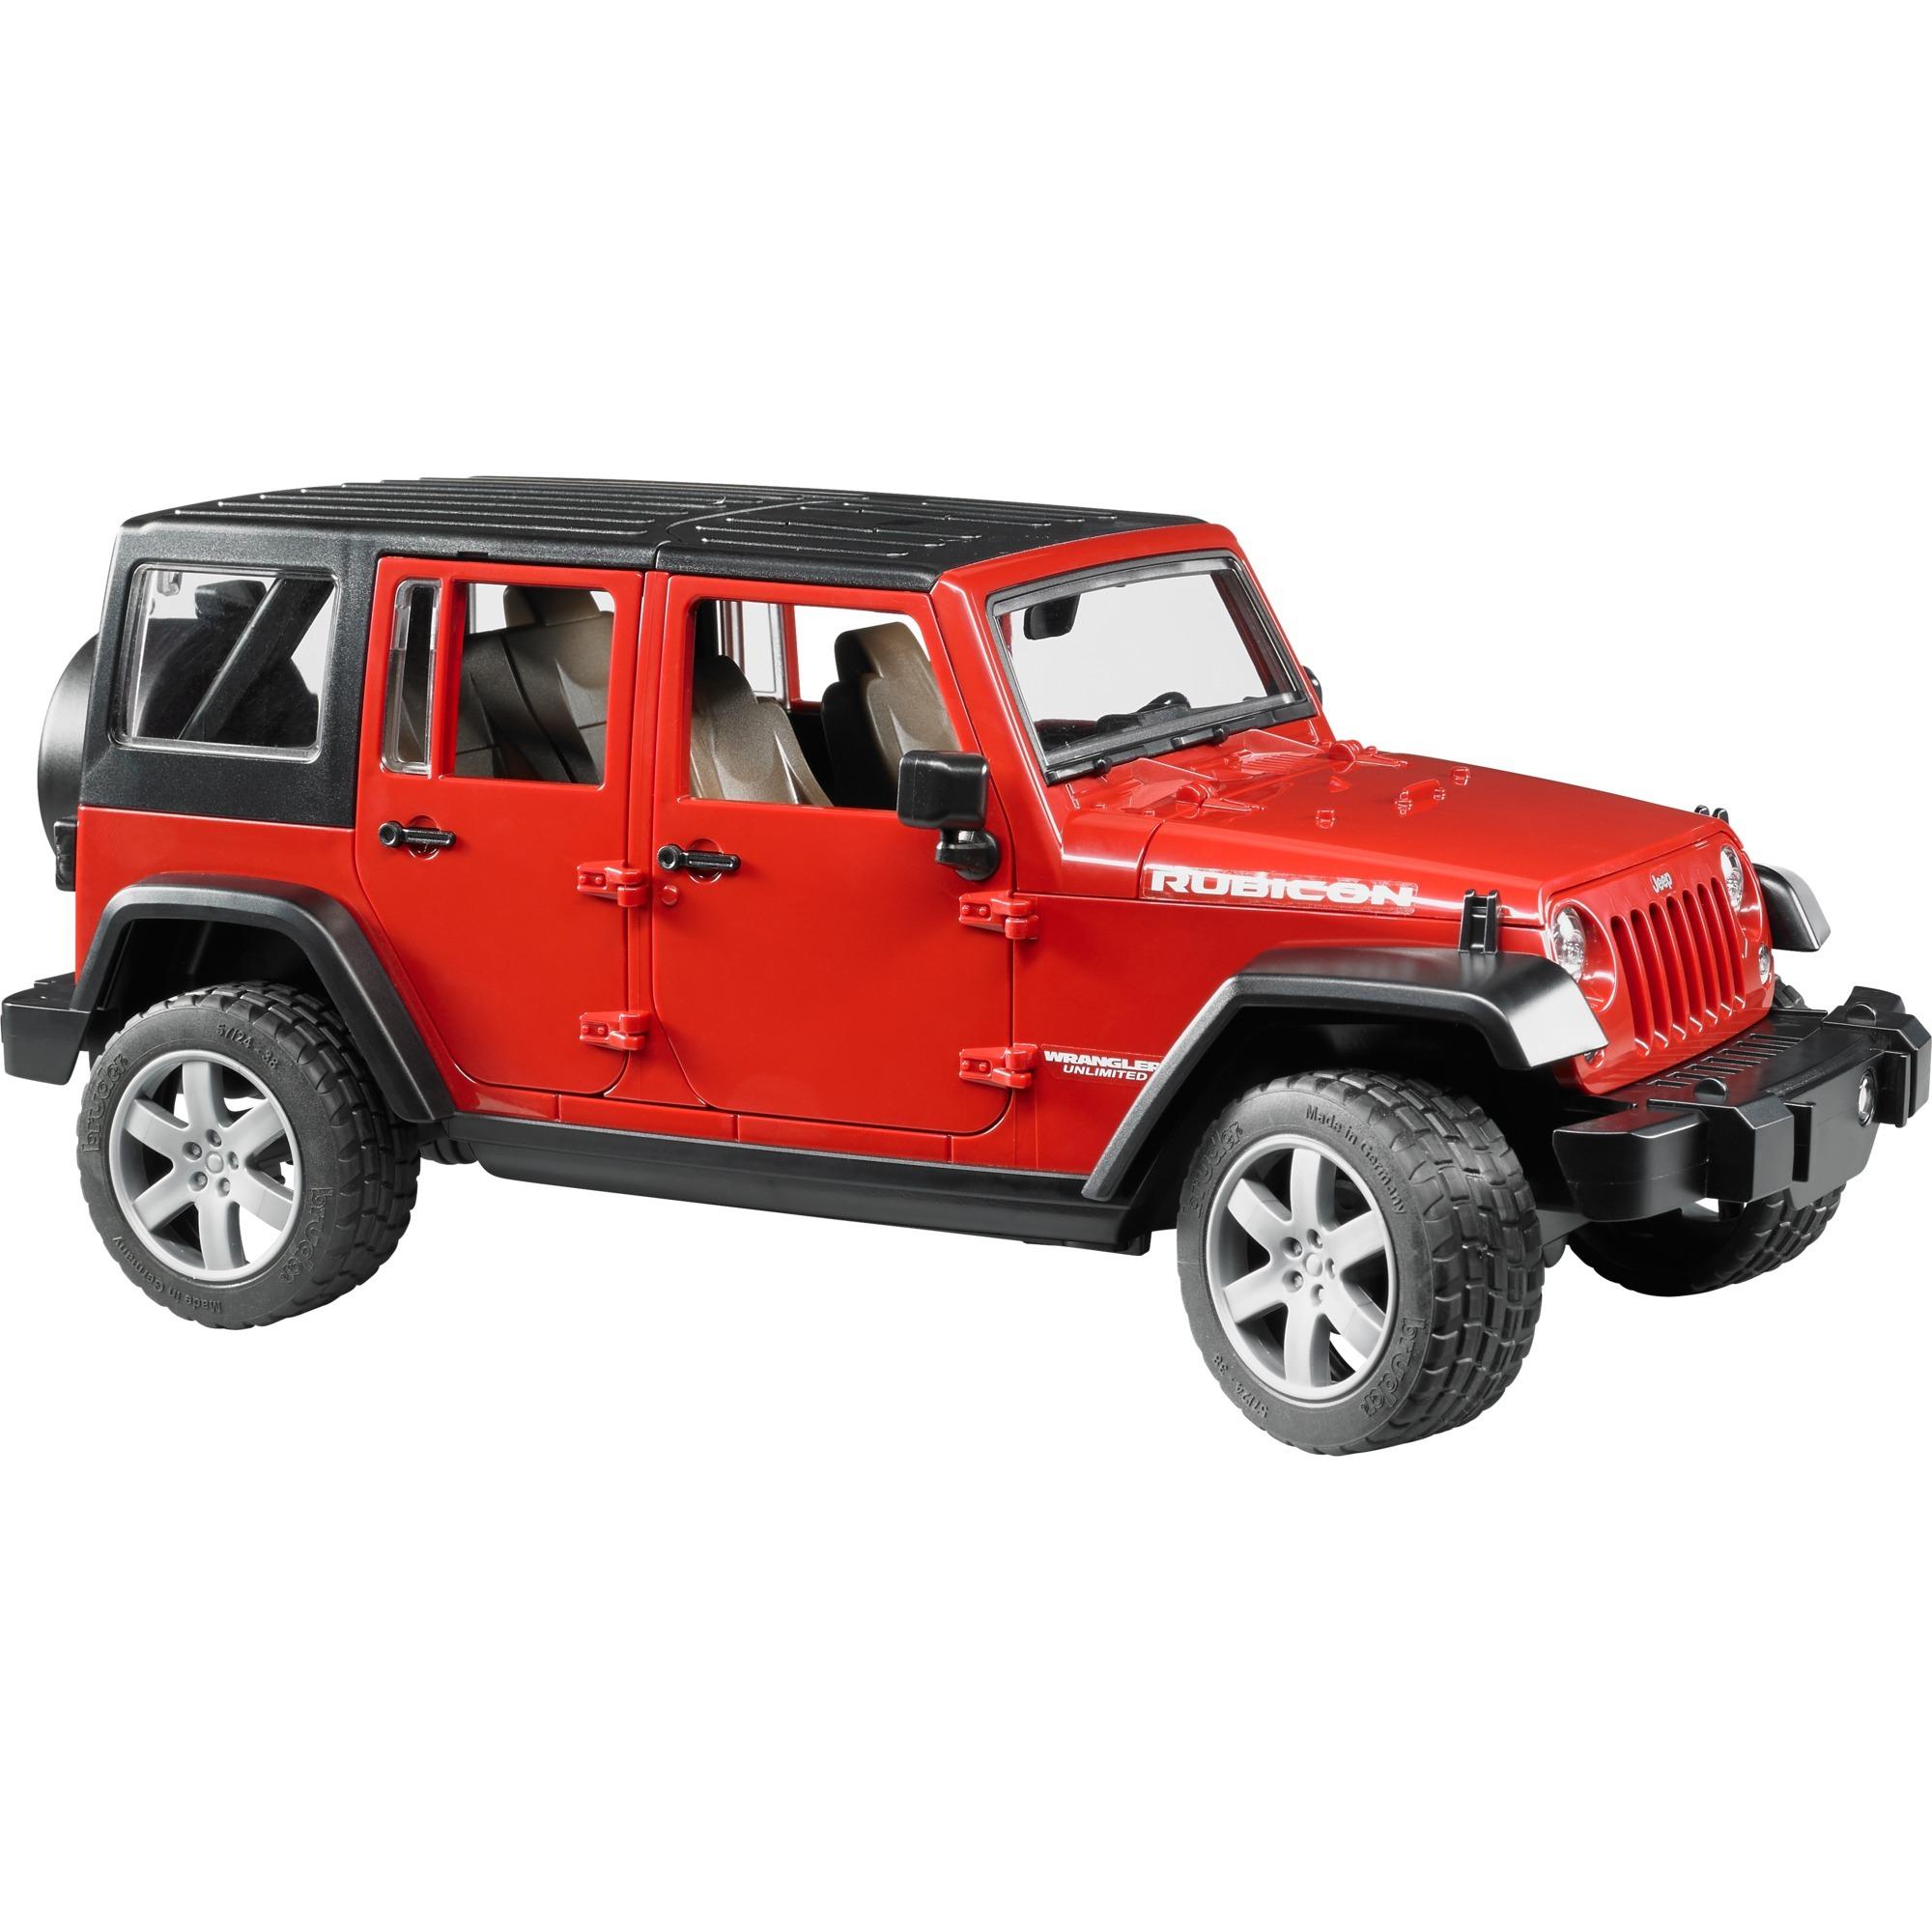 02525 Previamente montado Modelo a escala de coche todoterreno 1:16 modelo de vehículo de tierra, Automóvil de construcción